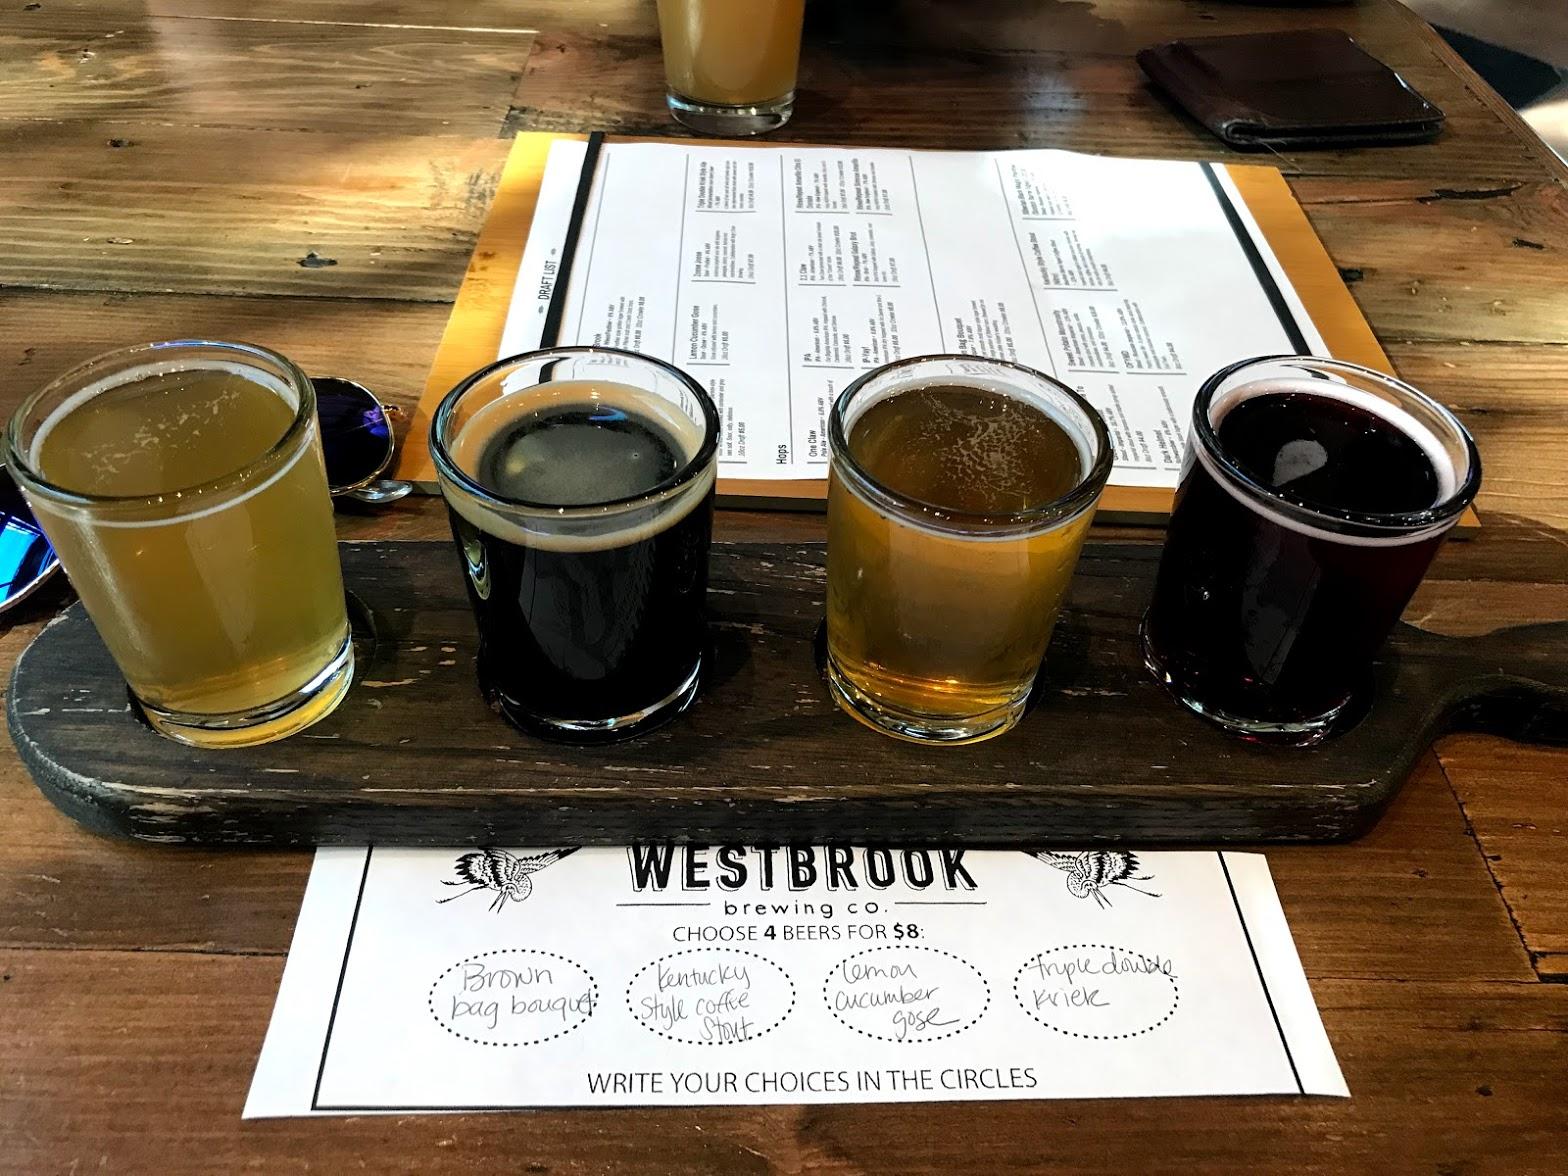 WestbrookBrewingCo.jpg